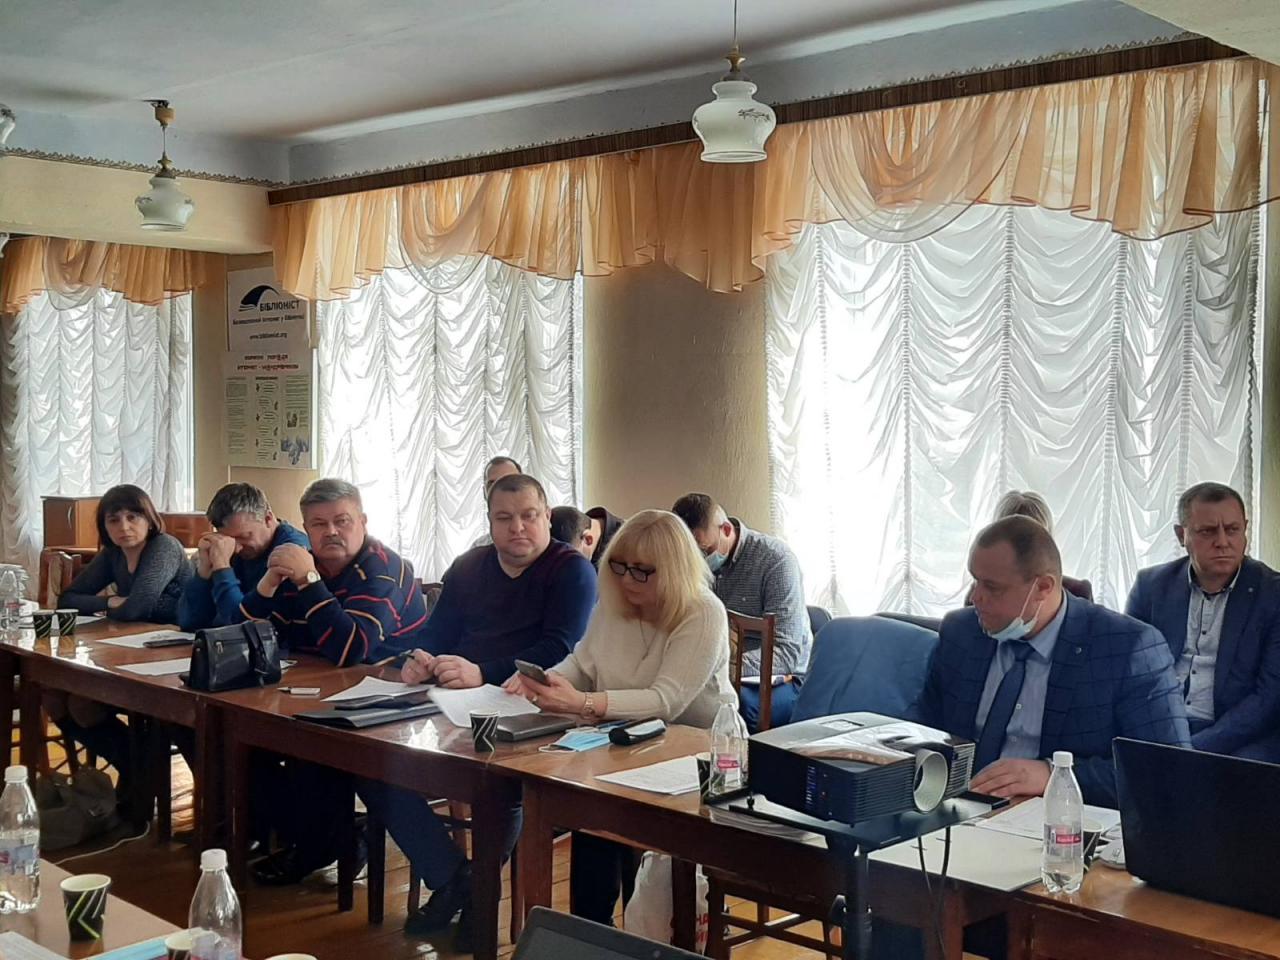 http://dunrada.gov.ua/uploadfile/archive_news/2021/02/25/2021-02-25_8240/images/images-68504.jpg